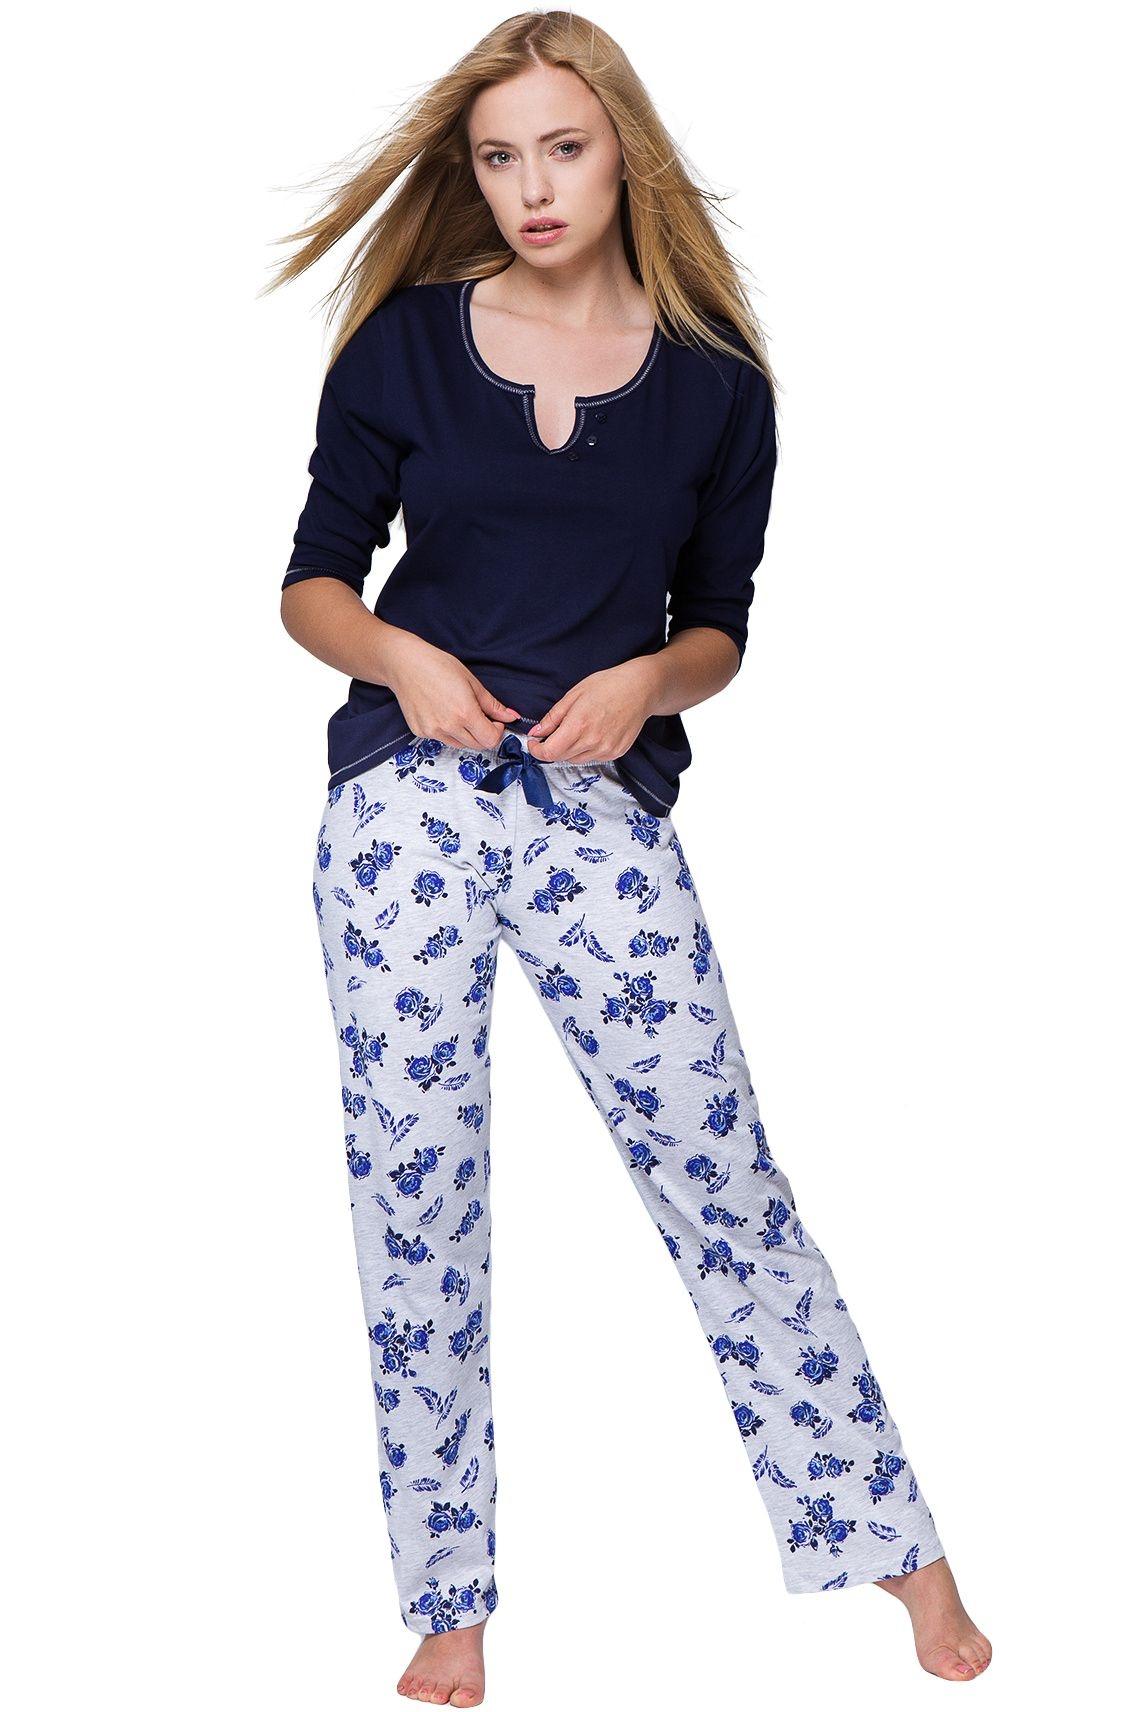 7142eebb59d0 Dámské pyžamo Rosalie modré růže s květinovým vzorem